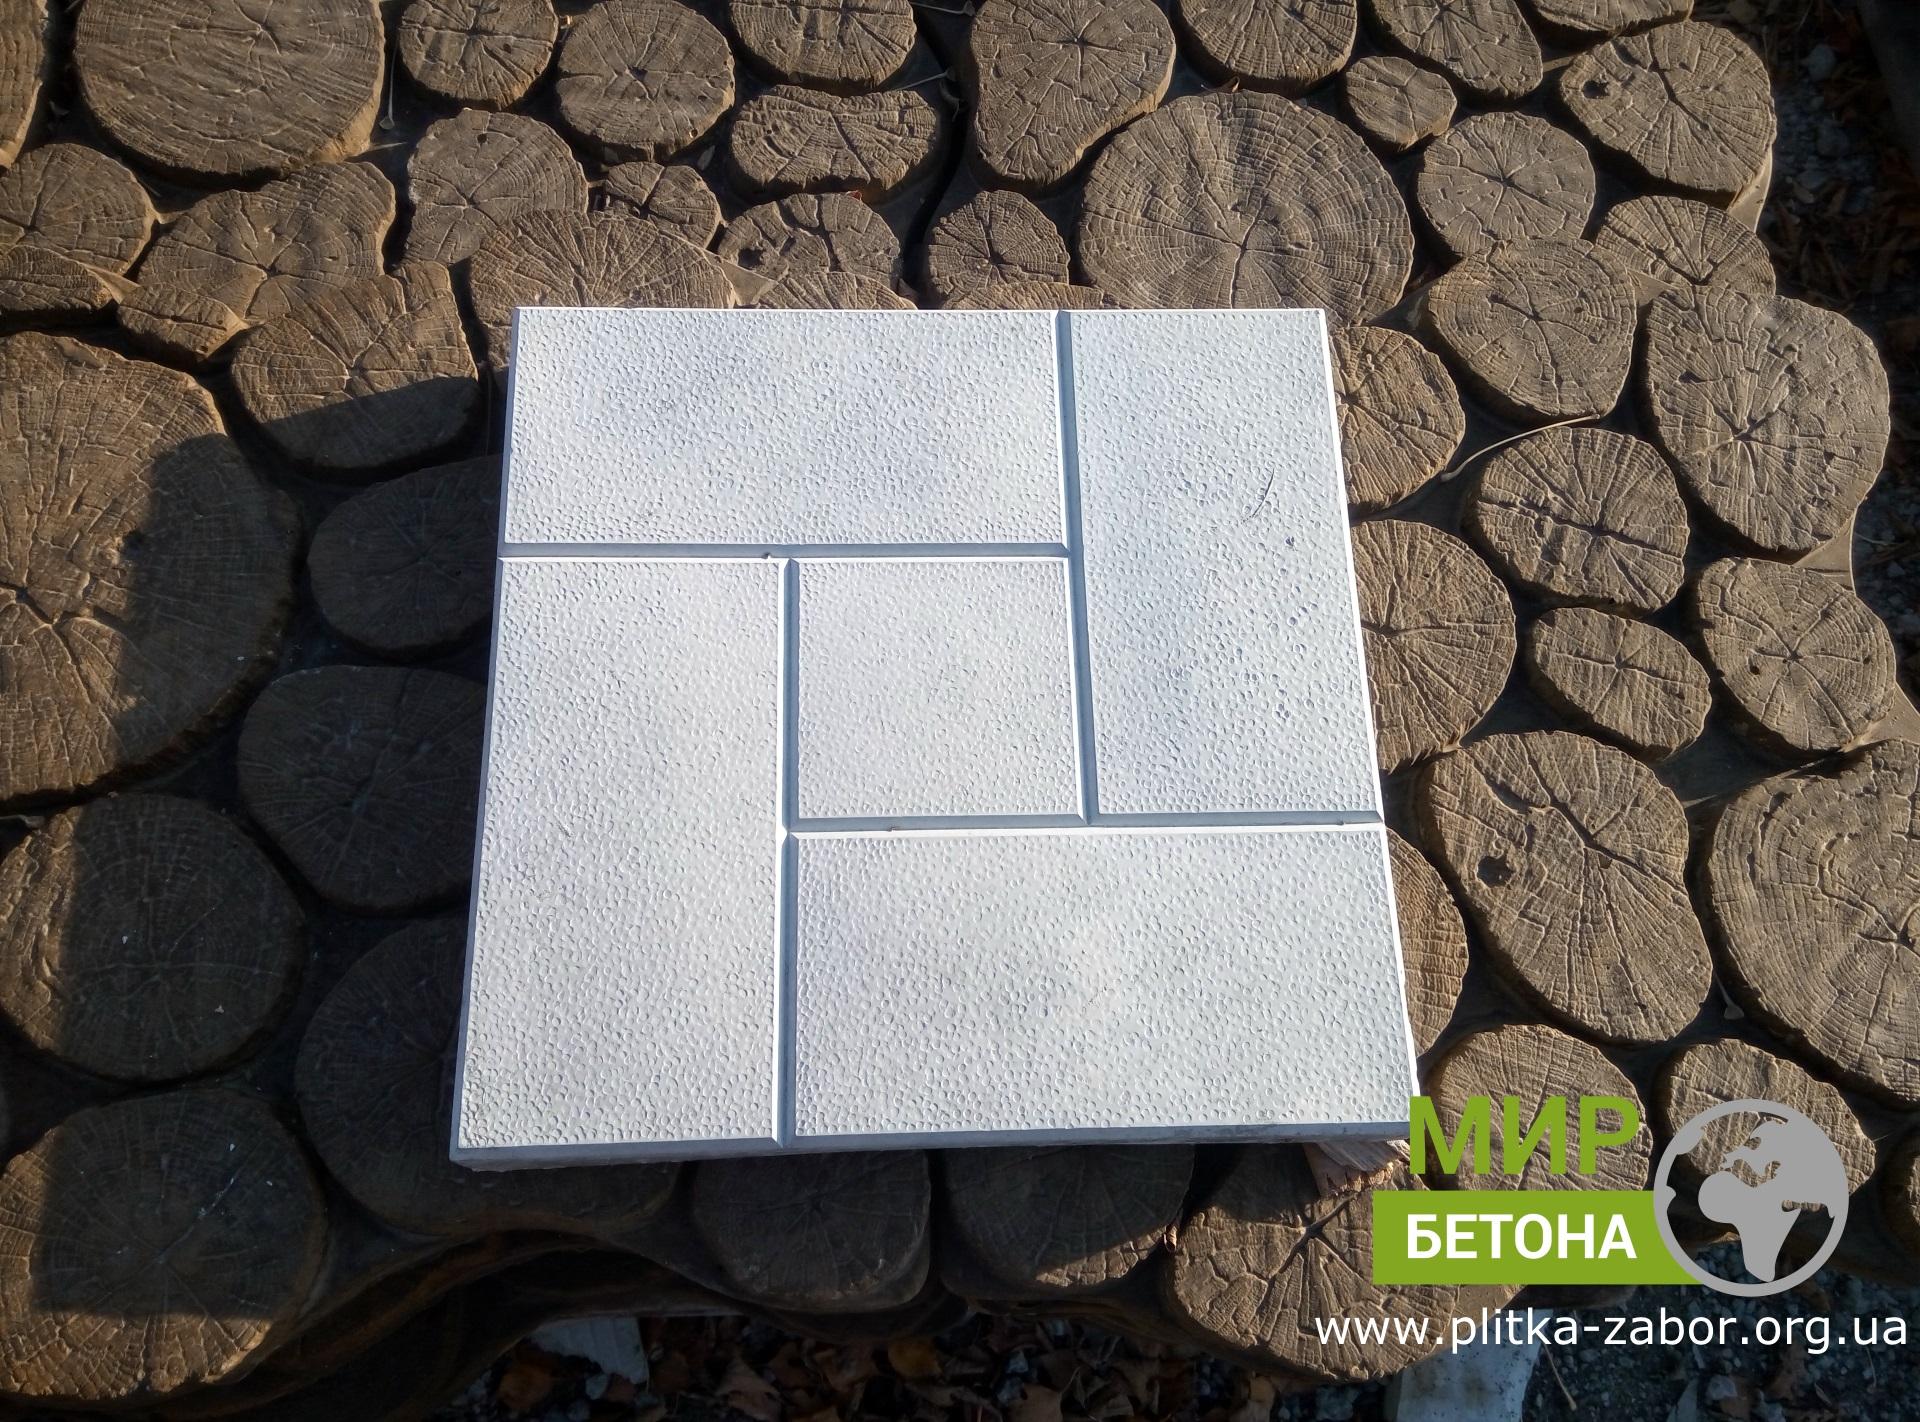 Тротуарная плитка Паркет 5 кирпичей калифорния